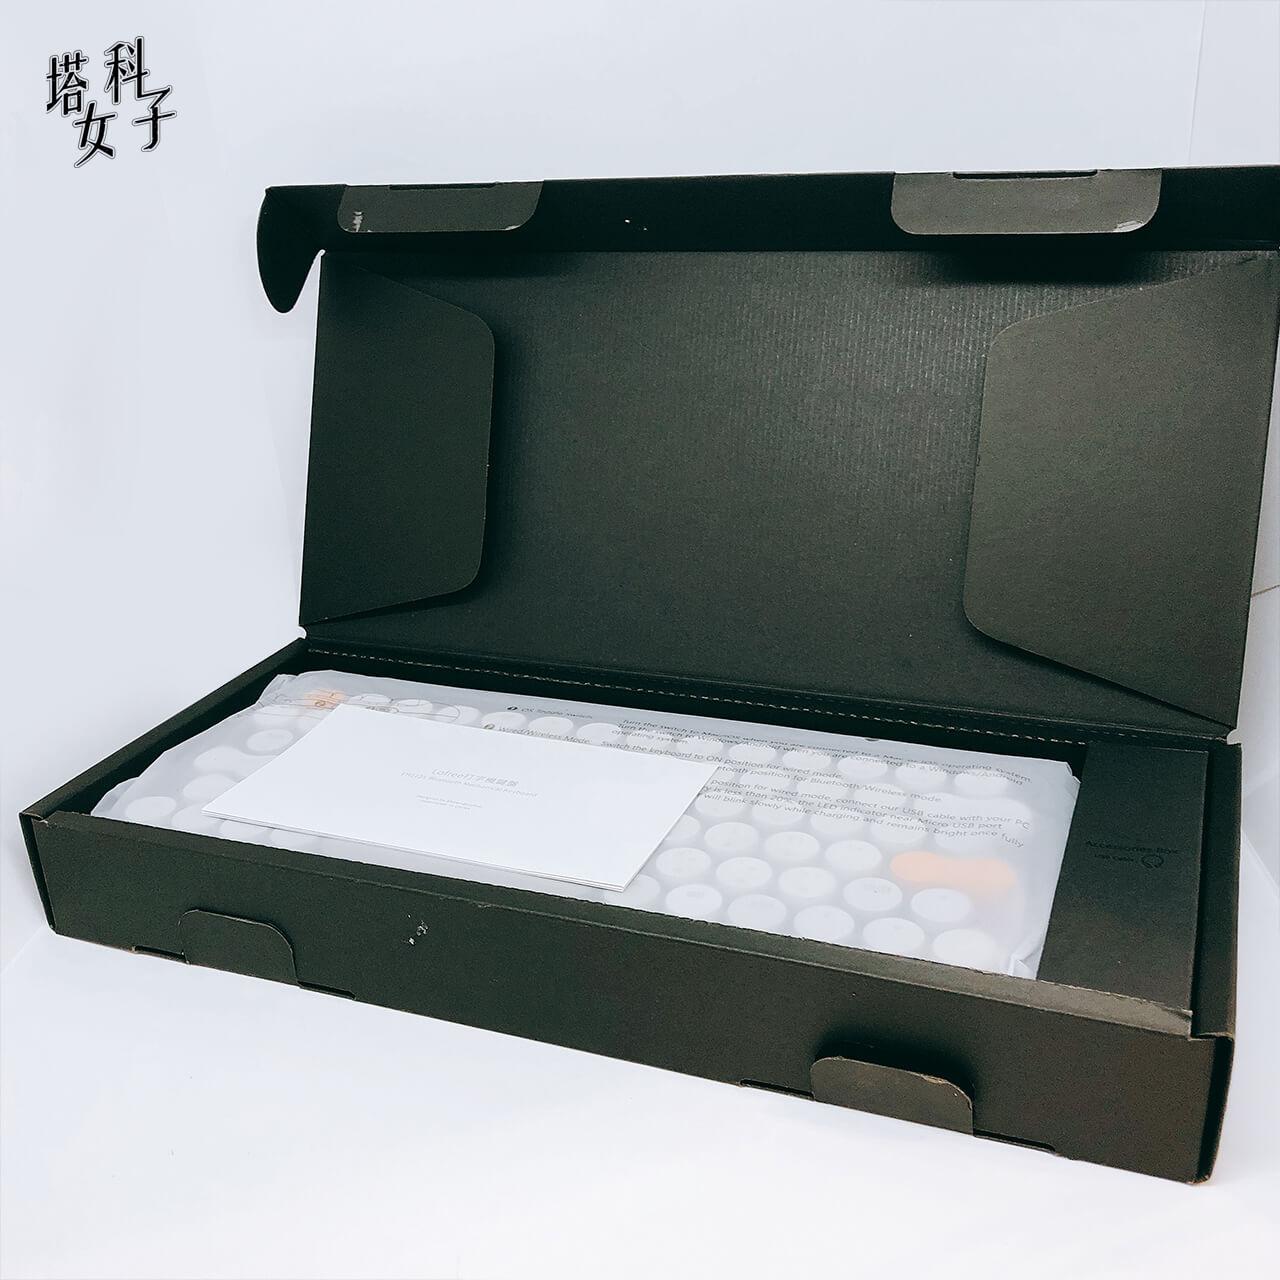 打字機鍵盤 Lofree - 外包裝